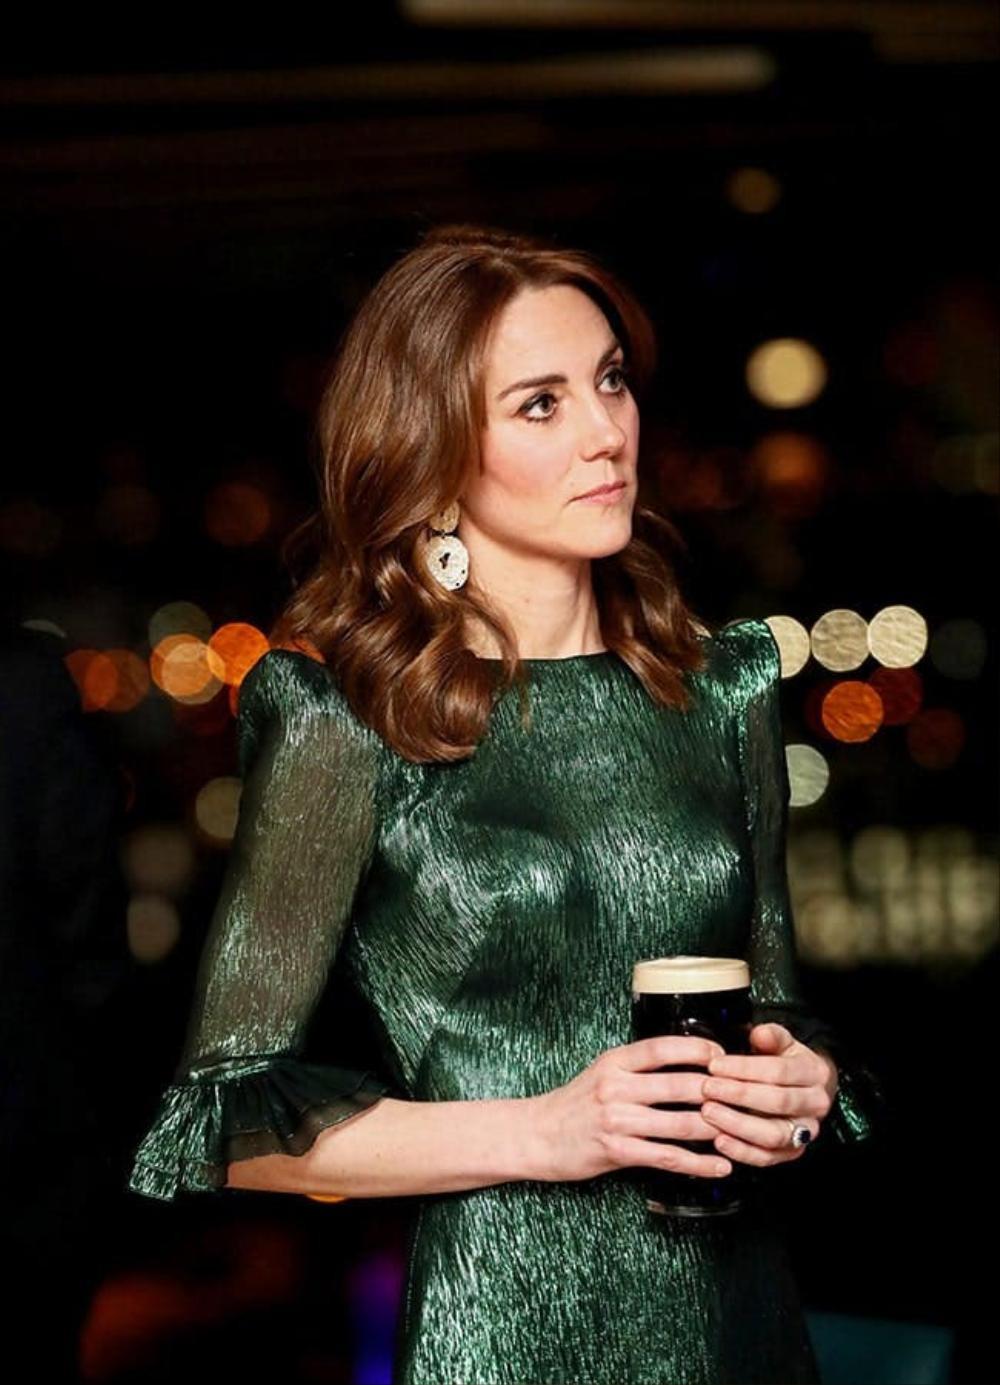 Bí ẩn tủ đồ Hoàng gia: Tại sao Kate Middleton thích mặc màu xanh lá cây? Ảnh 11